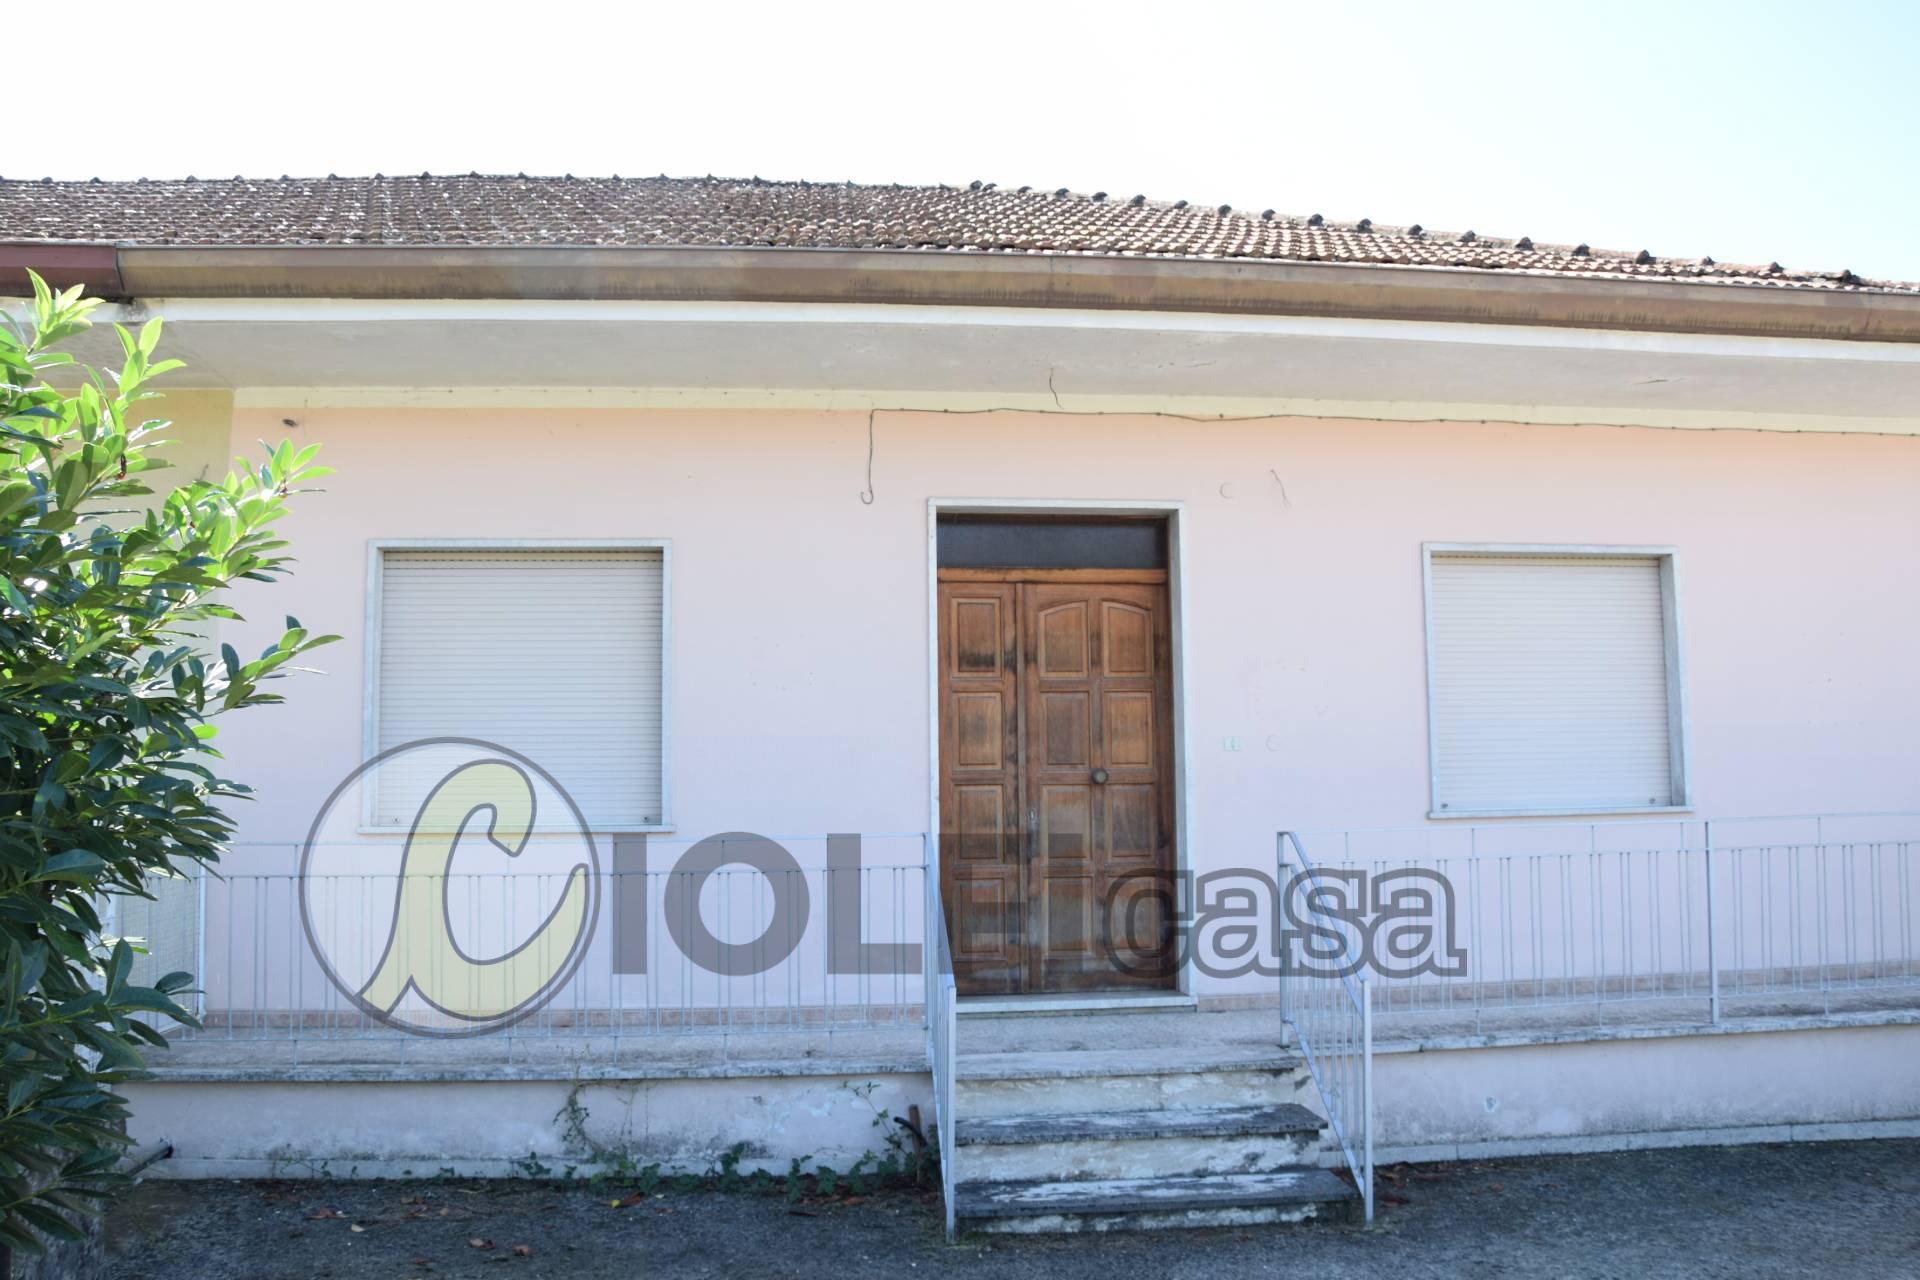 Villa a Schiera in vendita a Pignataro Interamna, 4 locali, zona Località: ViaS.aMaria, prezzo € 87.000 | CambioCasa.it